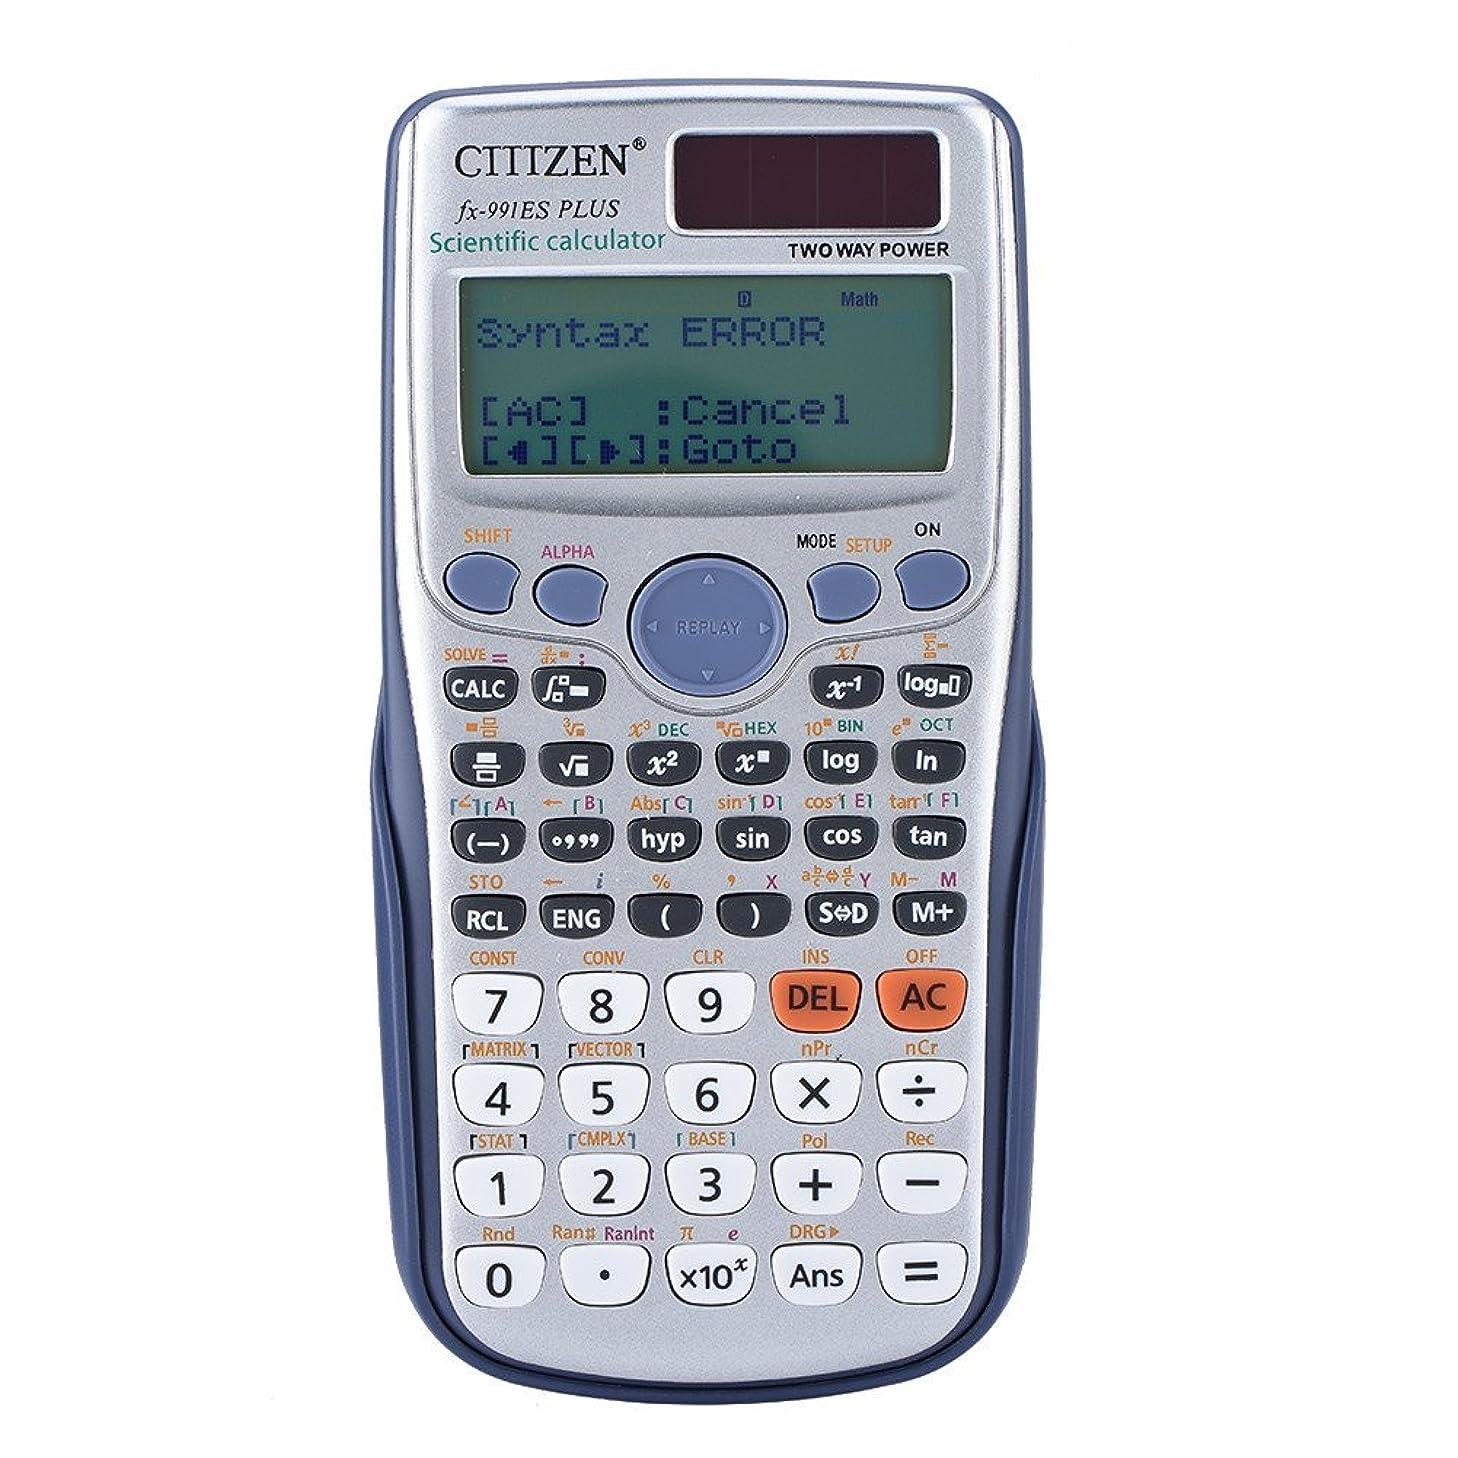 識字アカデミー下着FOSA Scientific Calculatorポータブル多機能電卓と417関数と学生のためのOffice Workers